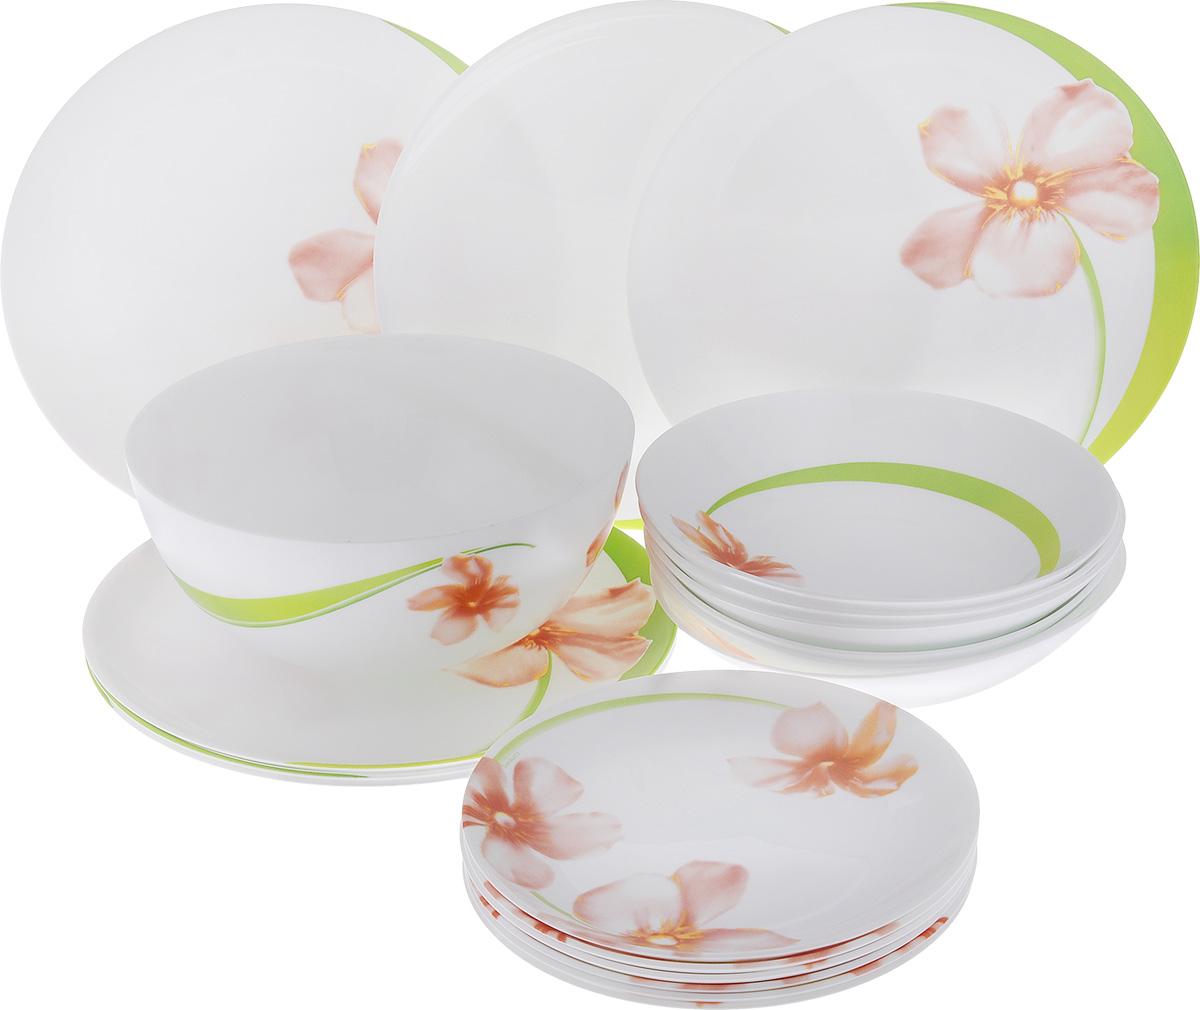 Набор столовой посуды Luminarc Sweet Impression, 19 предметовE4946Набор Luminarc Sweet Impression состоит из 6 суповых тарелок, 6 обеденныхтарелок, 6 десертных тарелок и салатника. Изделия выполнены изударопрочного стекла, оформлены ярким рисунком цветов и имеют классическую круглую форму. Посуда отличается прочностью, гигиеничностью и долгим сроком службы, она устойчива к появлению царапин и резким перепадам температур. Такой набор прекрасно подойдет как для повседневного использования, так идля праздников или особенных случаев. Набор столовой посуды Luminarc Sweet Impression - это не только яркий иполезный подарок для родных и близких, а также великолепное дизайнерскоерешение для вашей кухни или столовой. Можно мыть в посудомоечной машине и использовать в микроволновой печи.Диаметр суповой тарелки (по верхнему краю): 20 см. Высота суповой тарелки: 4 см.Диаметр обеденной тарелки (по верхнему краю): 25 см. Высота обеденной тарелки: 1,7 см. Диаметр десертной тарелки (по верхнему краю): 19 см. Высота десертной тарелки: 2 см. Диаметр салатника (по верхнему краю): 21 см. Высота салатника: 9 см.